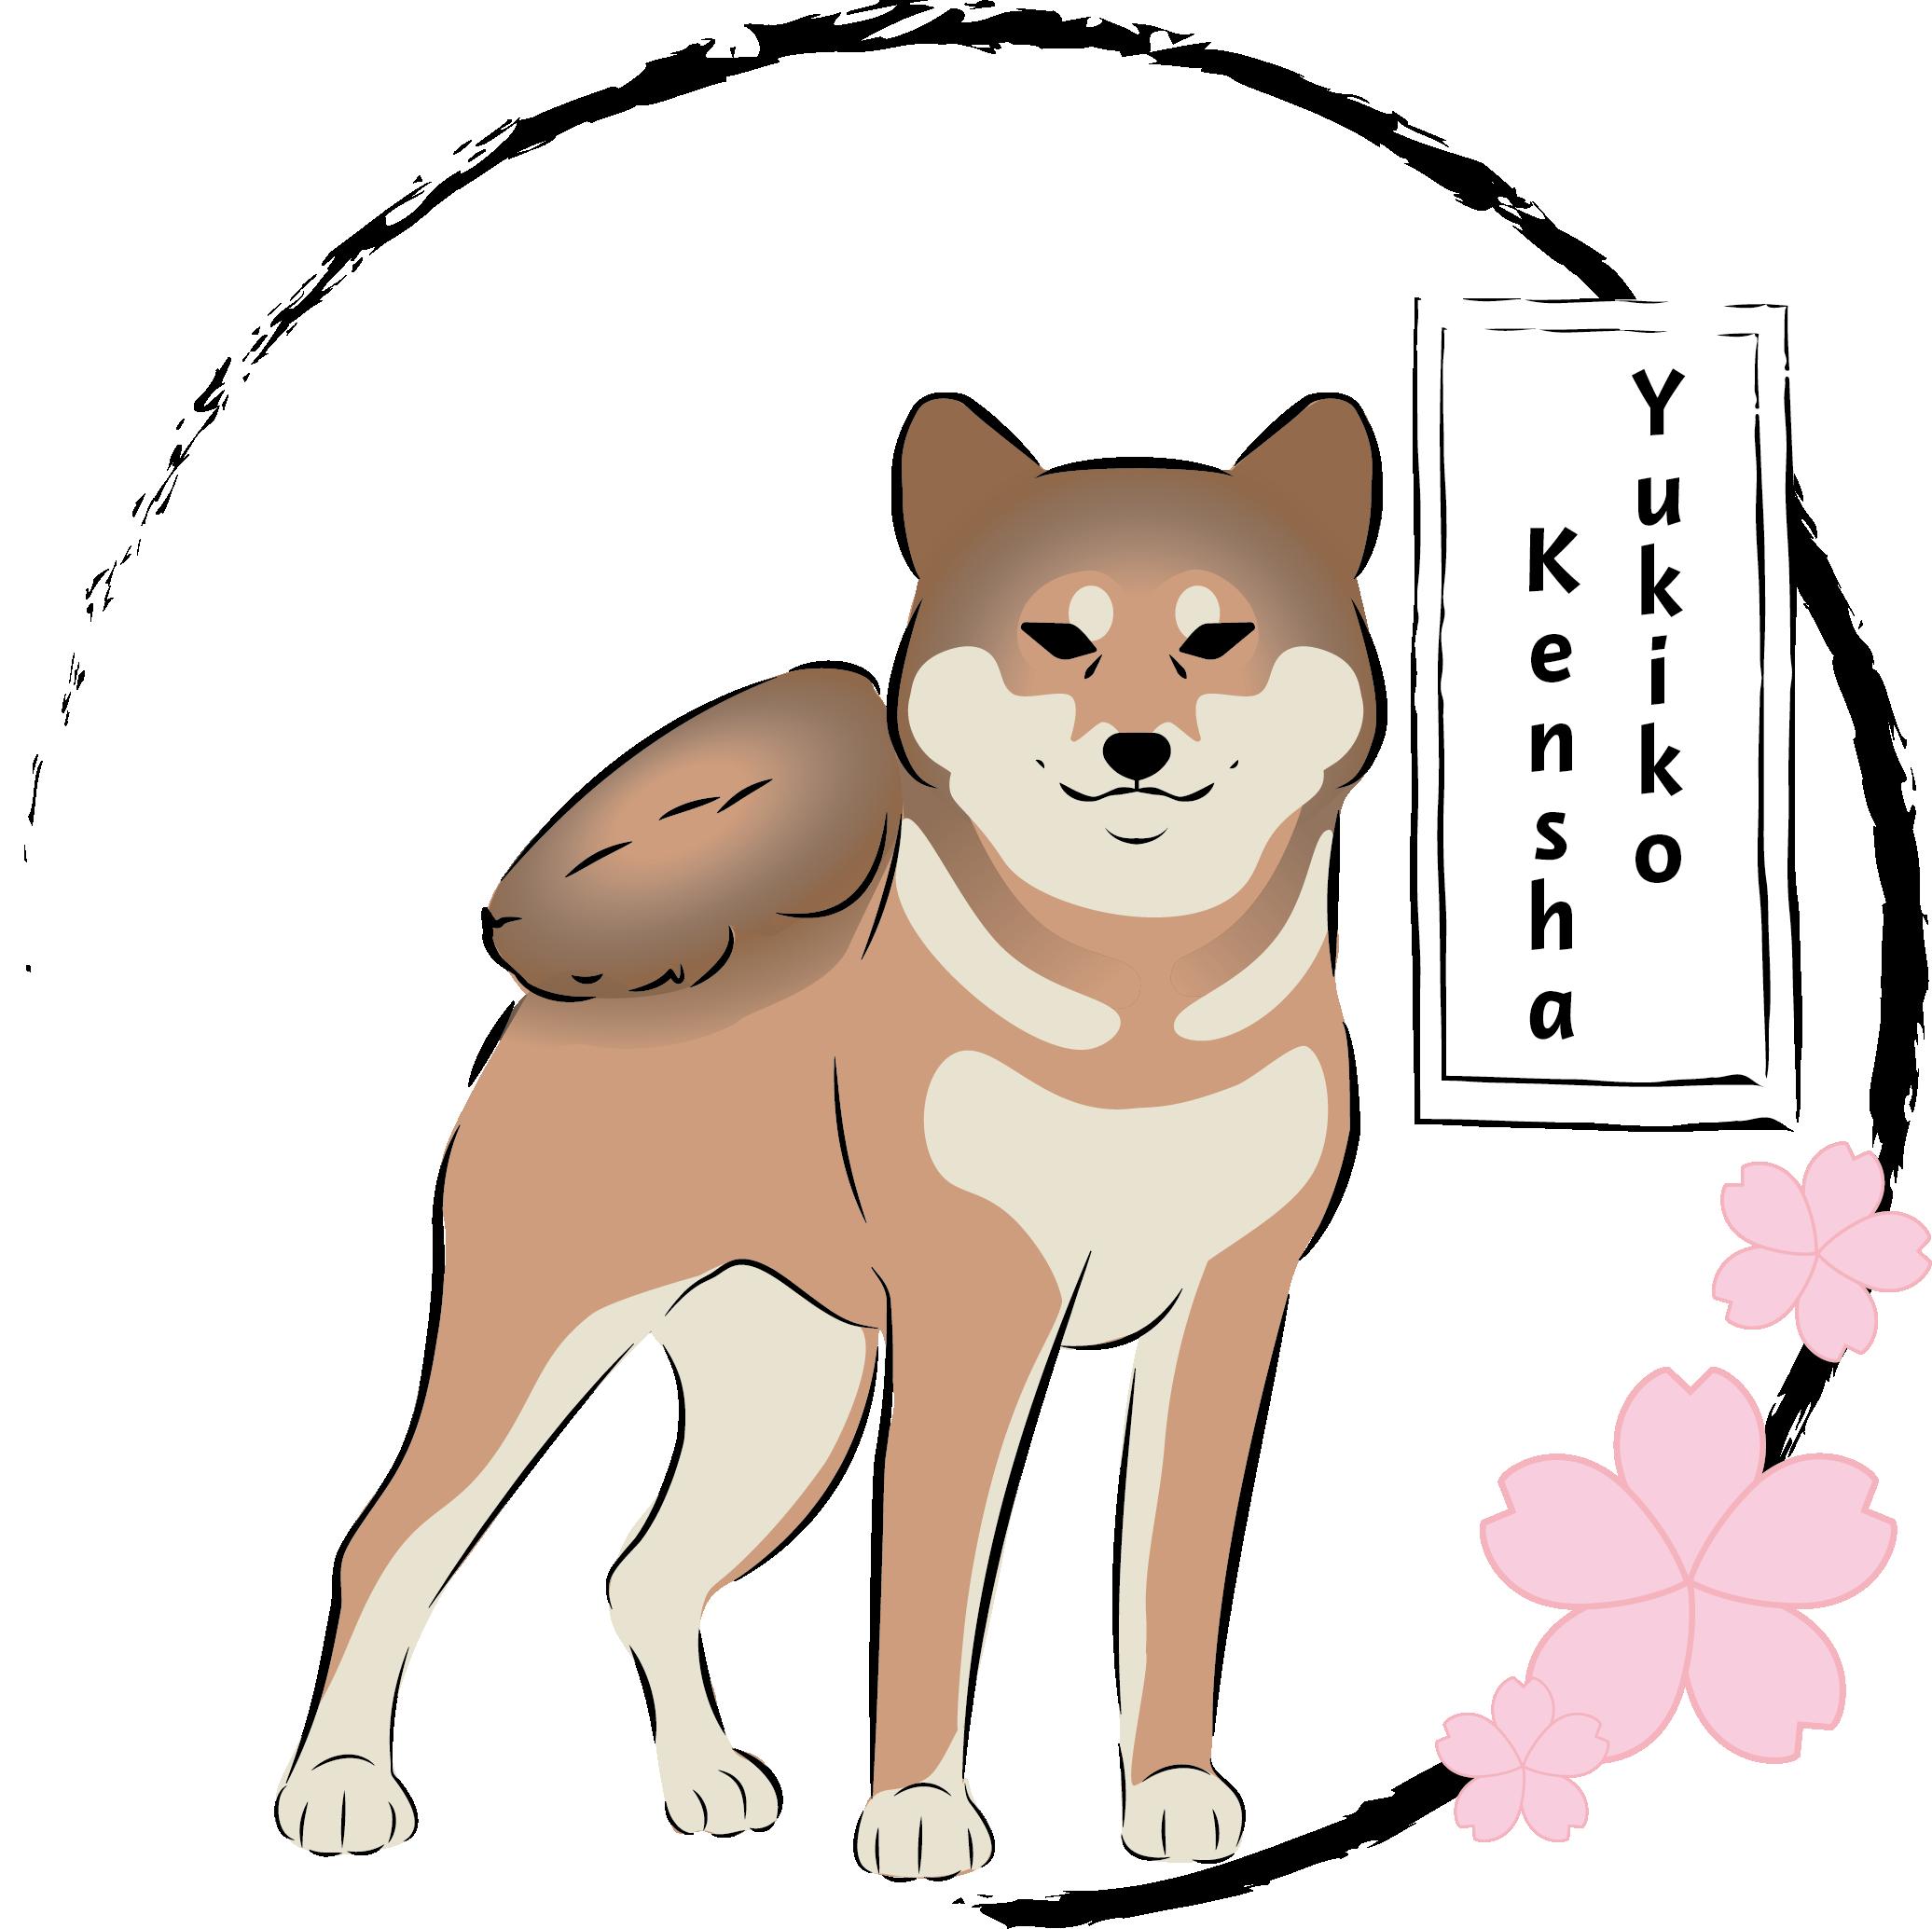 YUKIKO KENSHA SHIBA'S